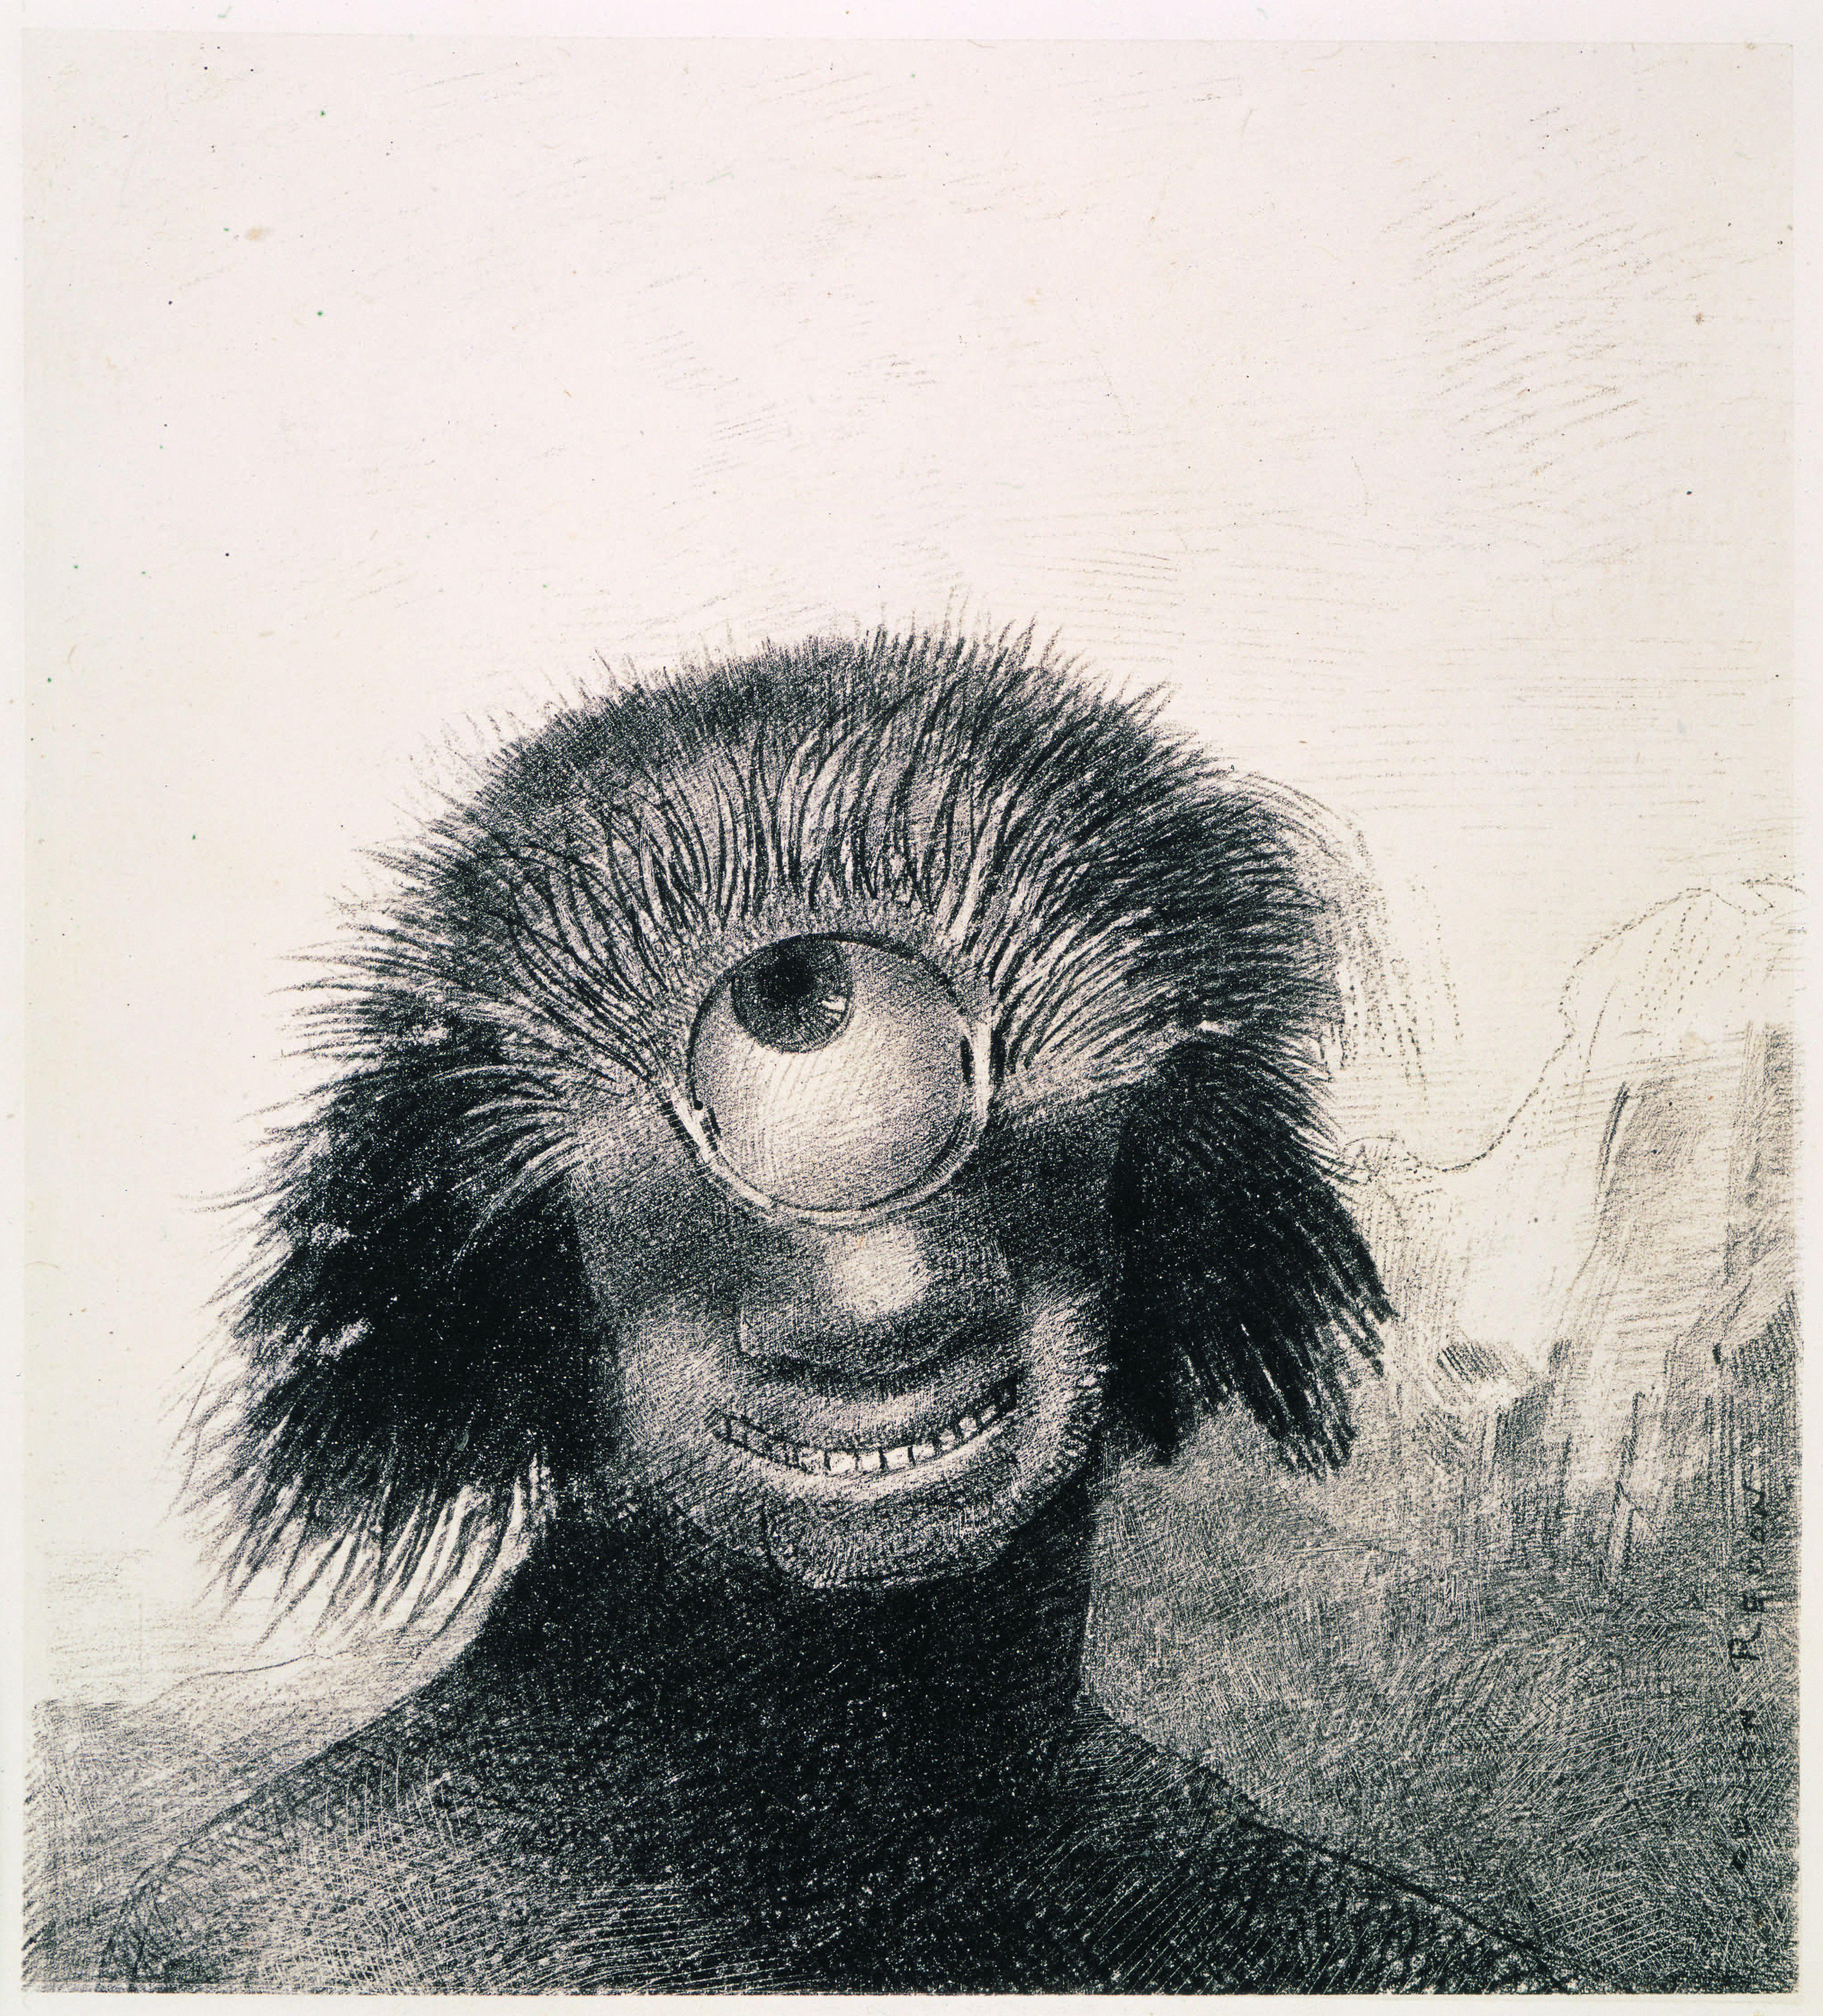 《Ⅲ.不恰好なポリープは薄笑いを浮かべた醜い一つ目巨人のように岸辺を漂っていた》『起源』